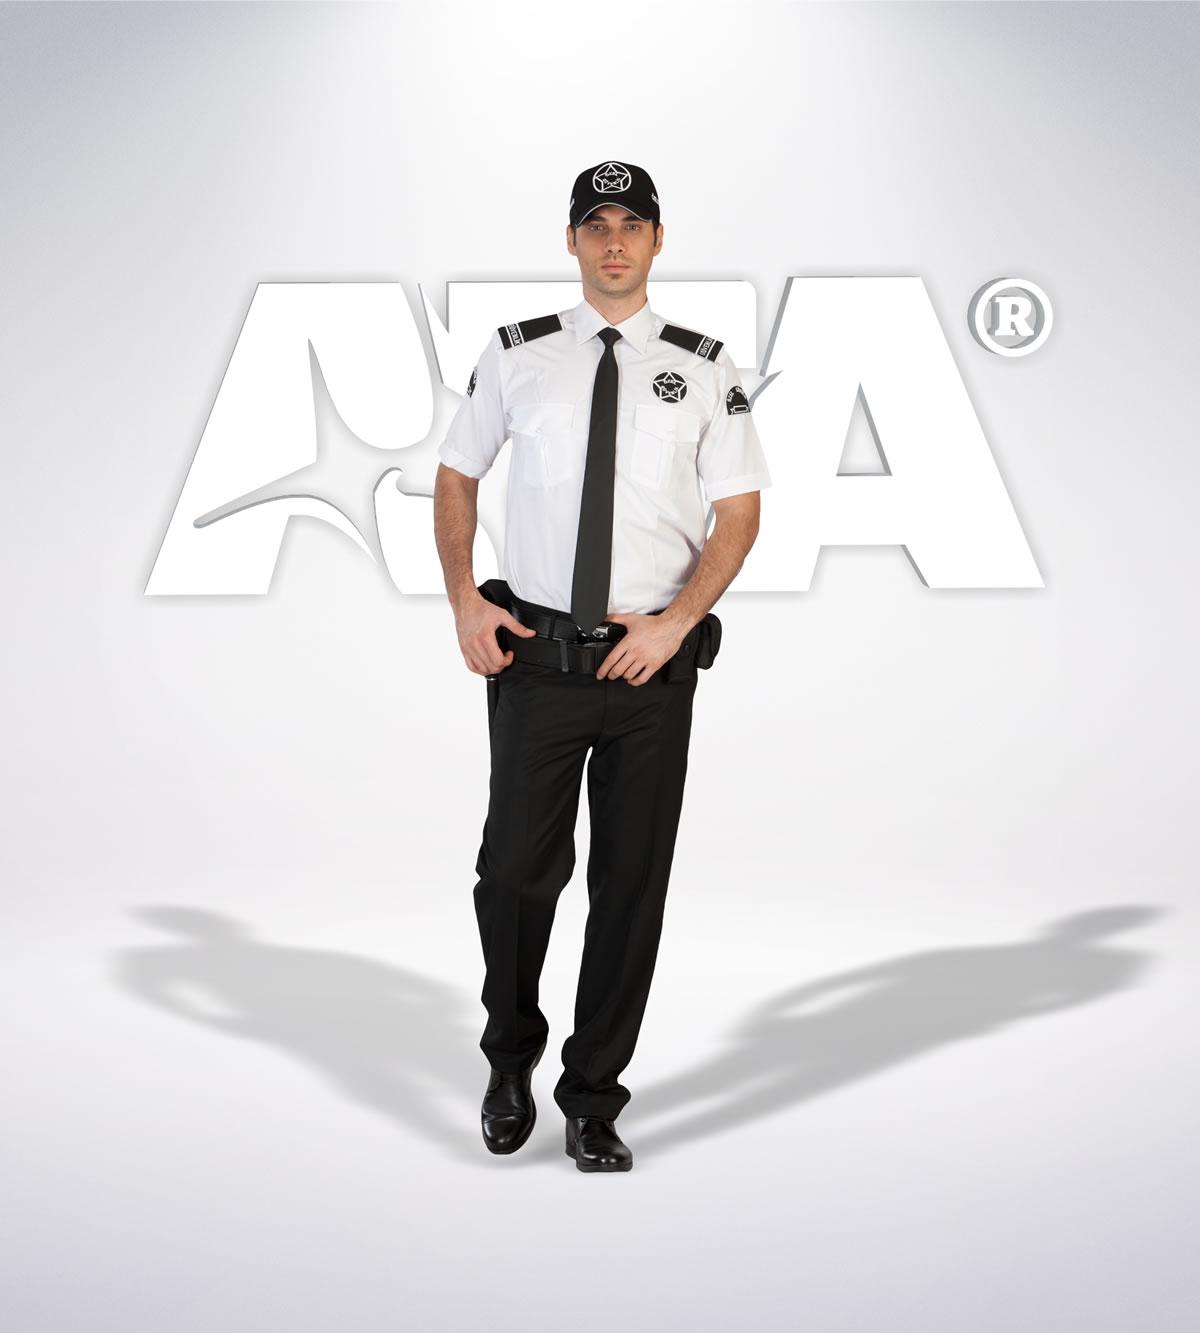 ATA 110 - Pantolon yazlık - gömlek yazlık-kışlık - aksesuar - güvenlik elbiseleri | güvenlik üniformaları | güvenlik kıyafetleri